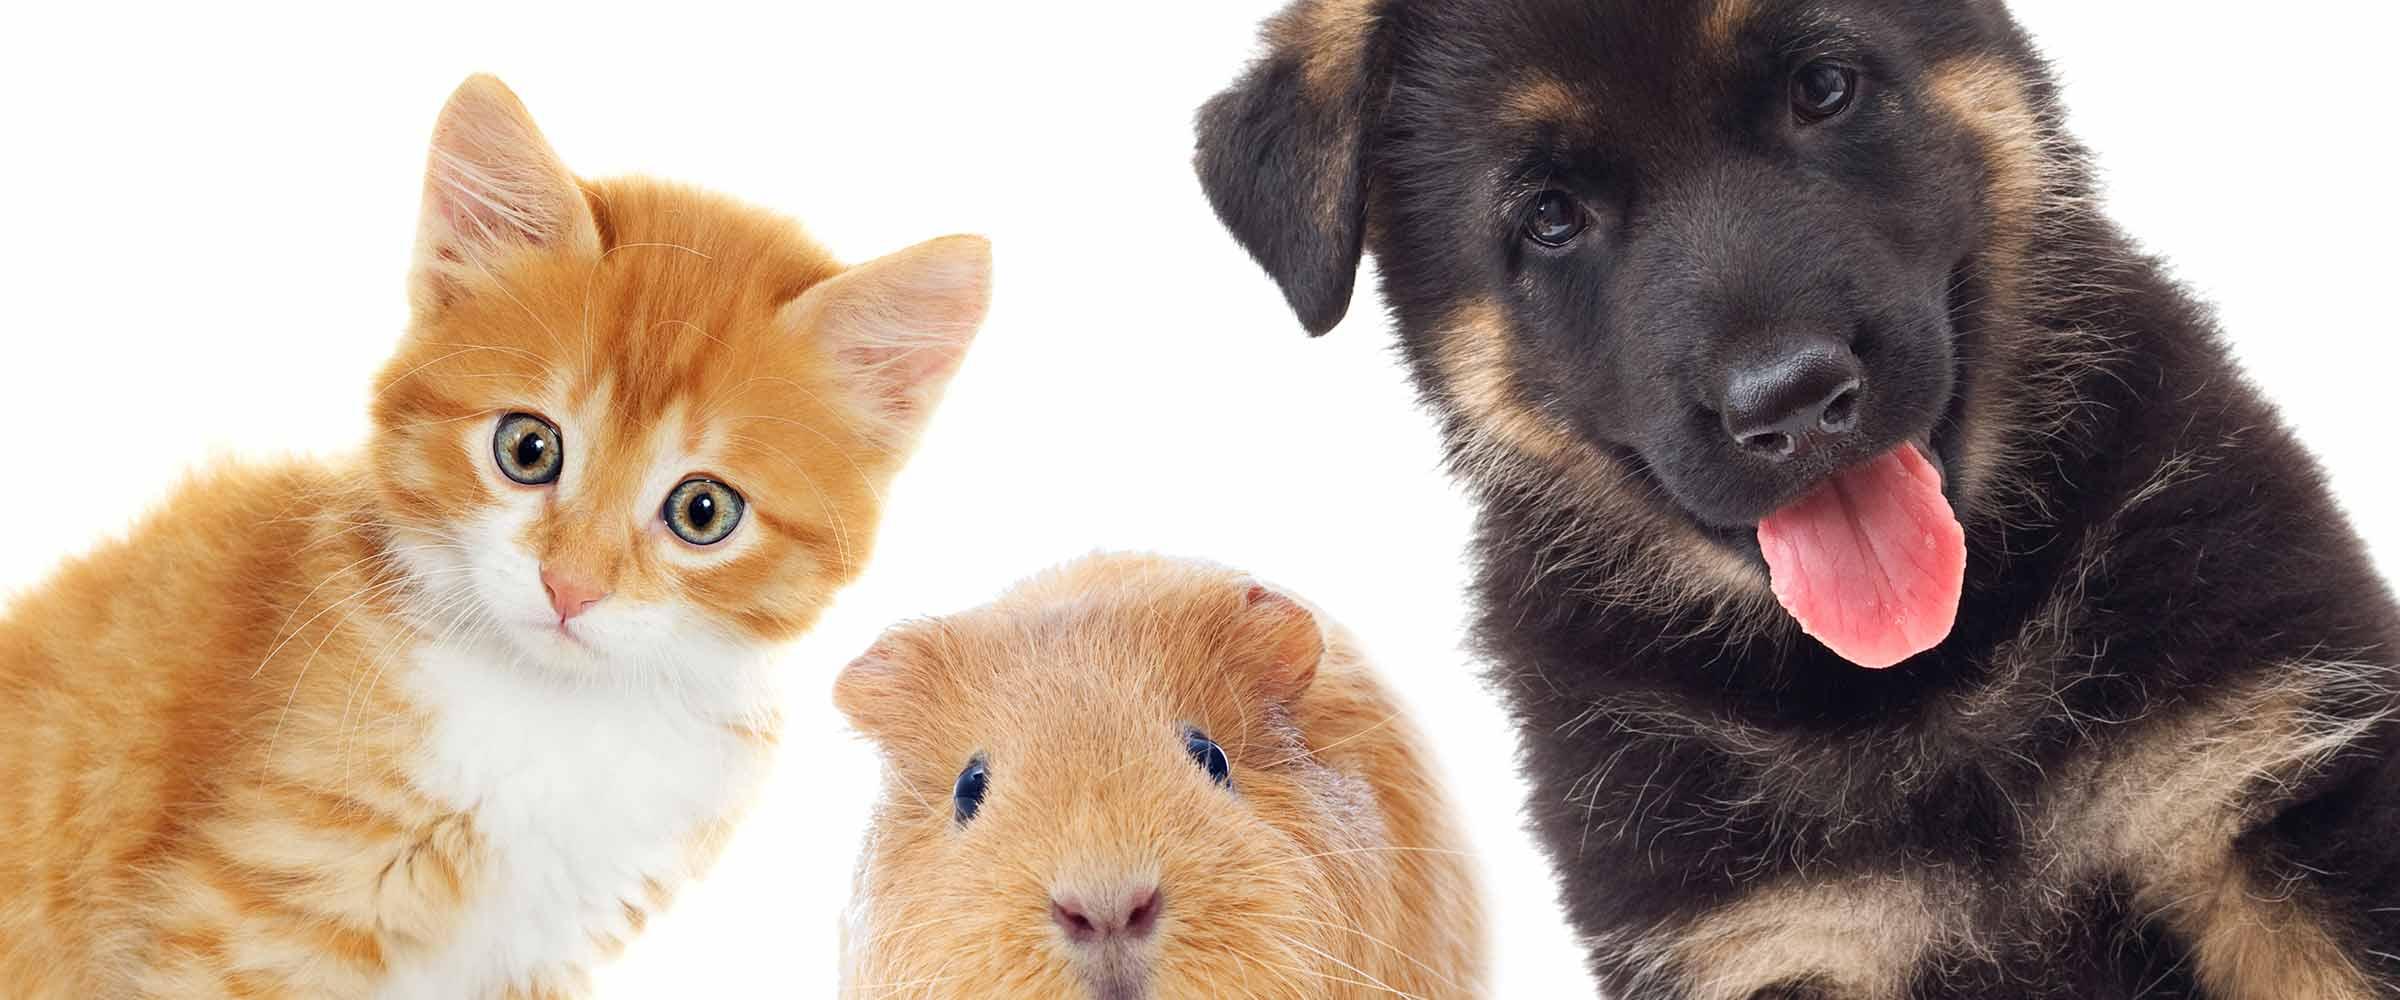 morphettville veterinary clinic cat dog and hamster